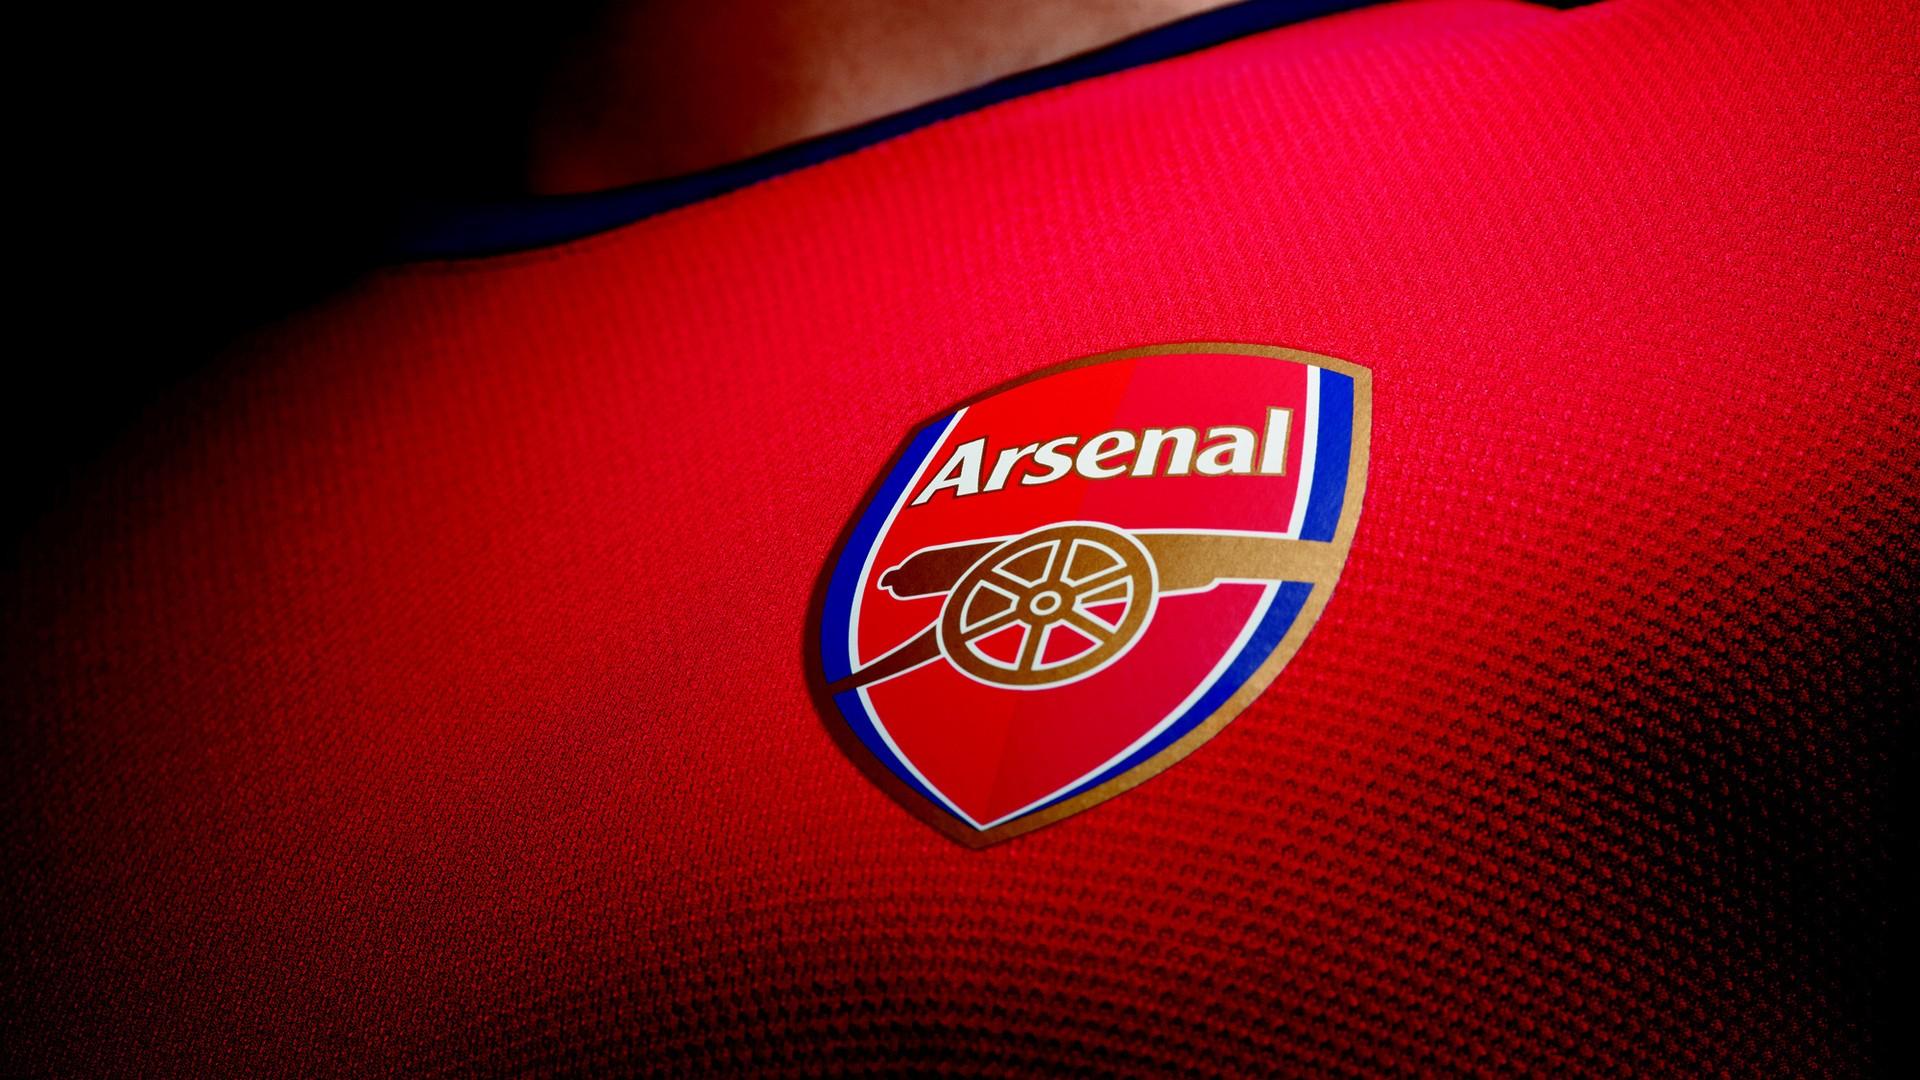 أرسنال يحسم ديربي لندن ويتأهل لنهائي كأس الرابطة الإنجليزية